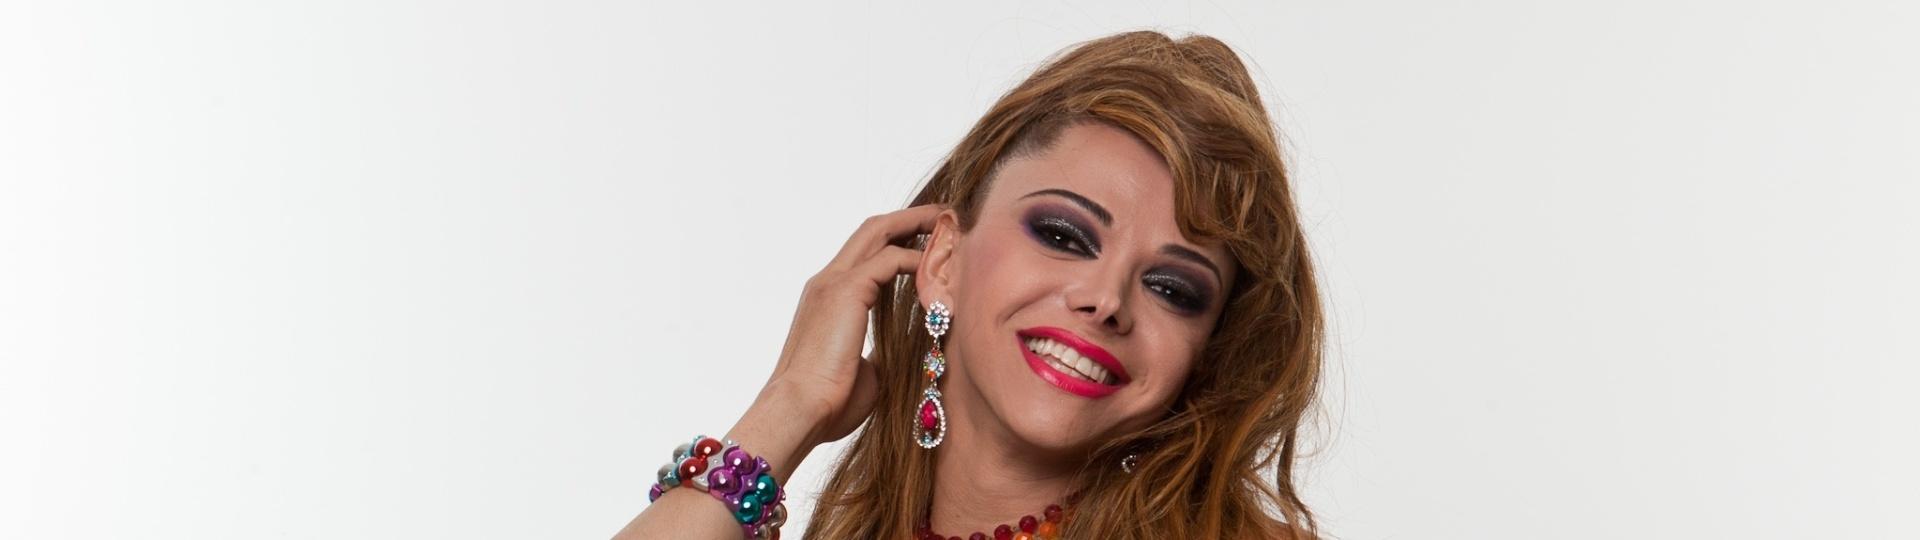 Jadson Mendes de Lima, mais conhecido como a drag queen Léo Aquilla, é formado em jornalismo, trabalhou como repórter de TV e se candidatou a deputado estadual por São Paulo em 2010. Tem 41 anos